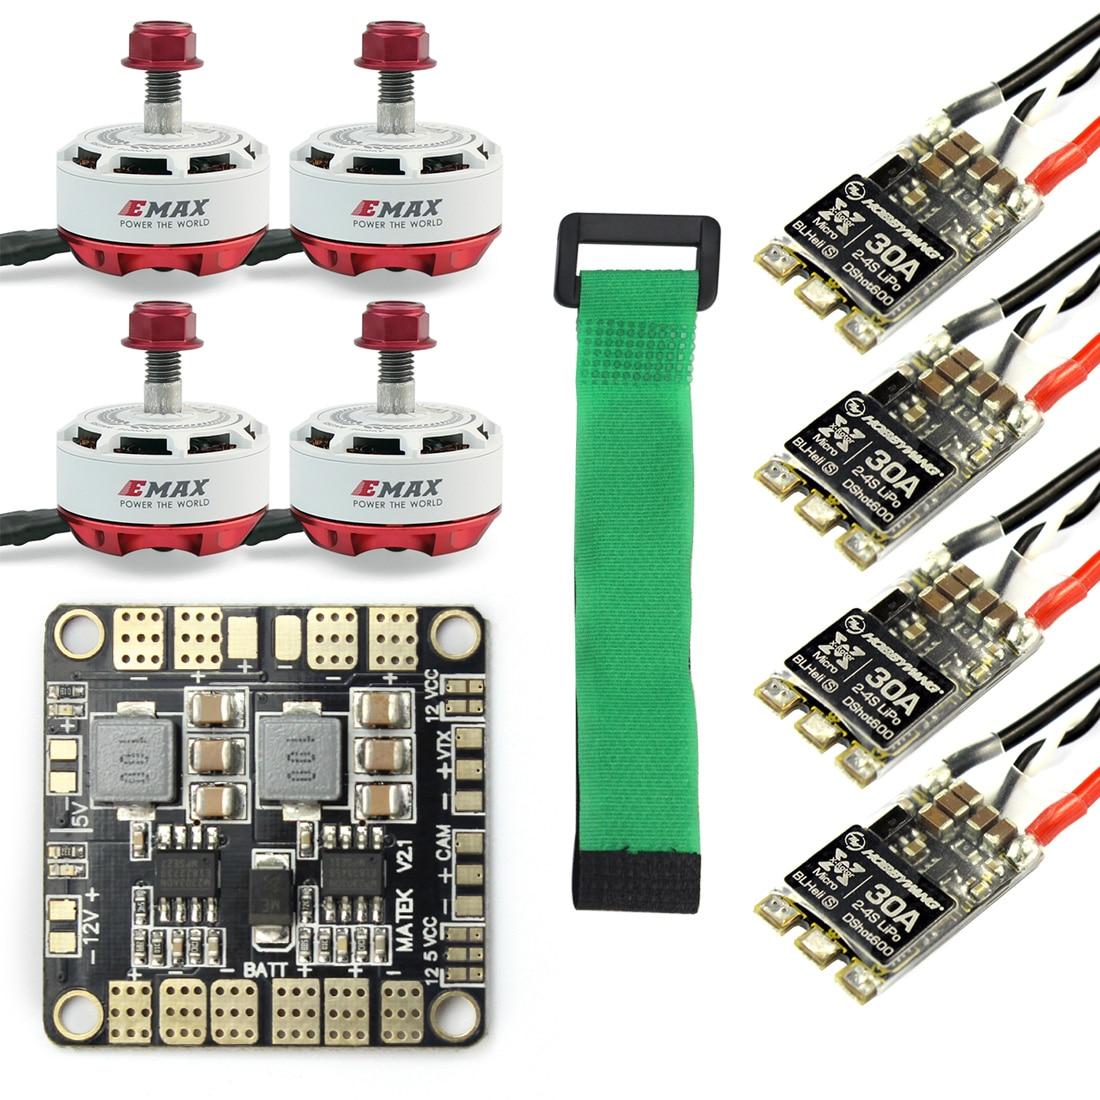 Mini Drone de course RC sans balai moteur ESC combiné 4x EMAX RS2306-2750KV & HobbyWing XRotor Micro blheli-s 30A + Distribution de puissance